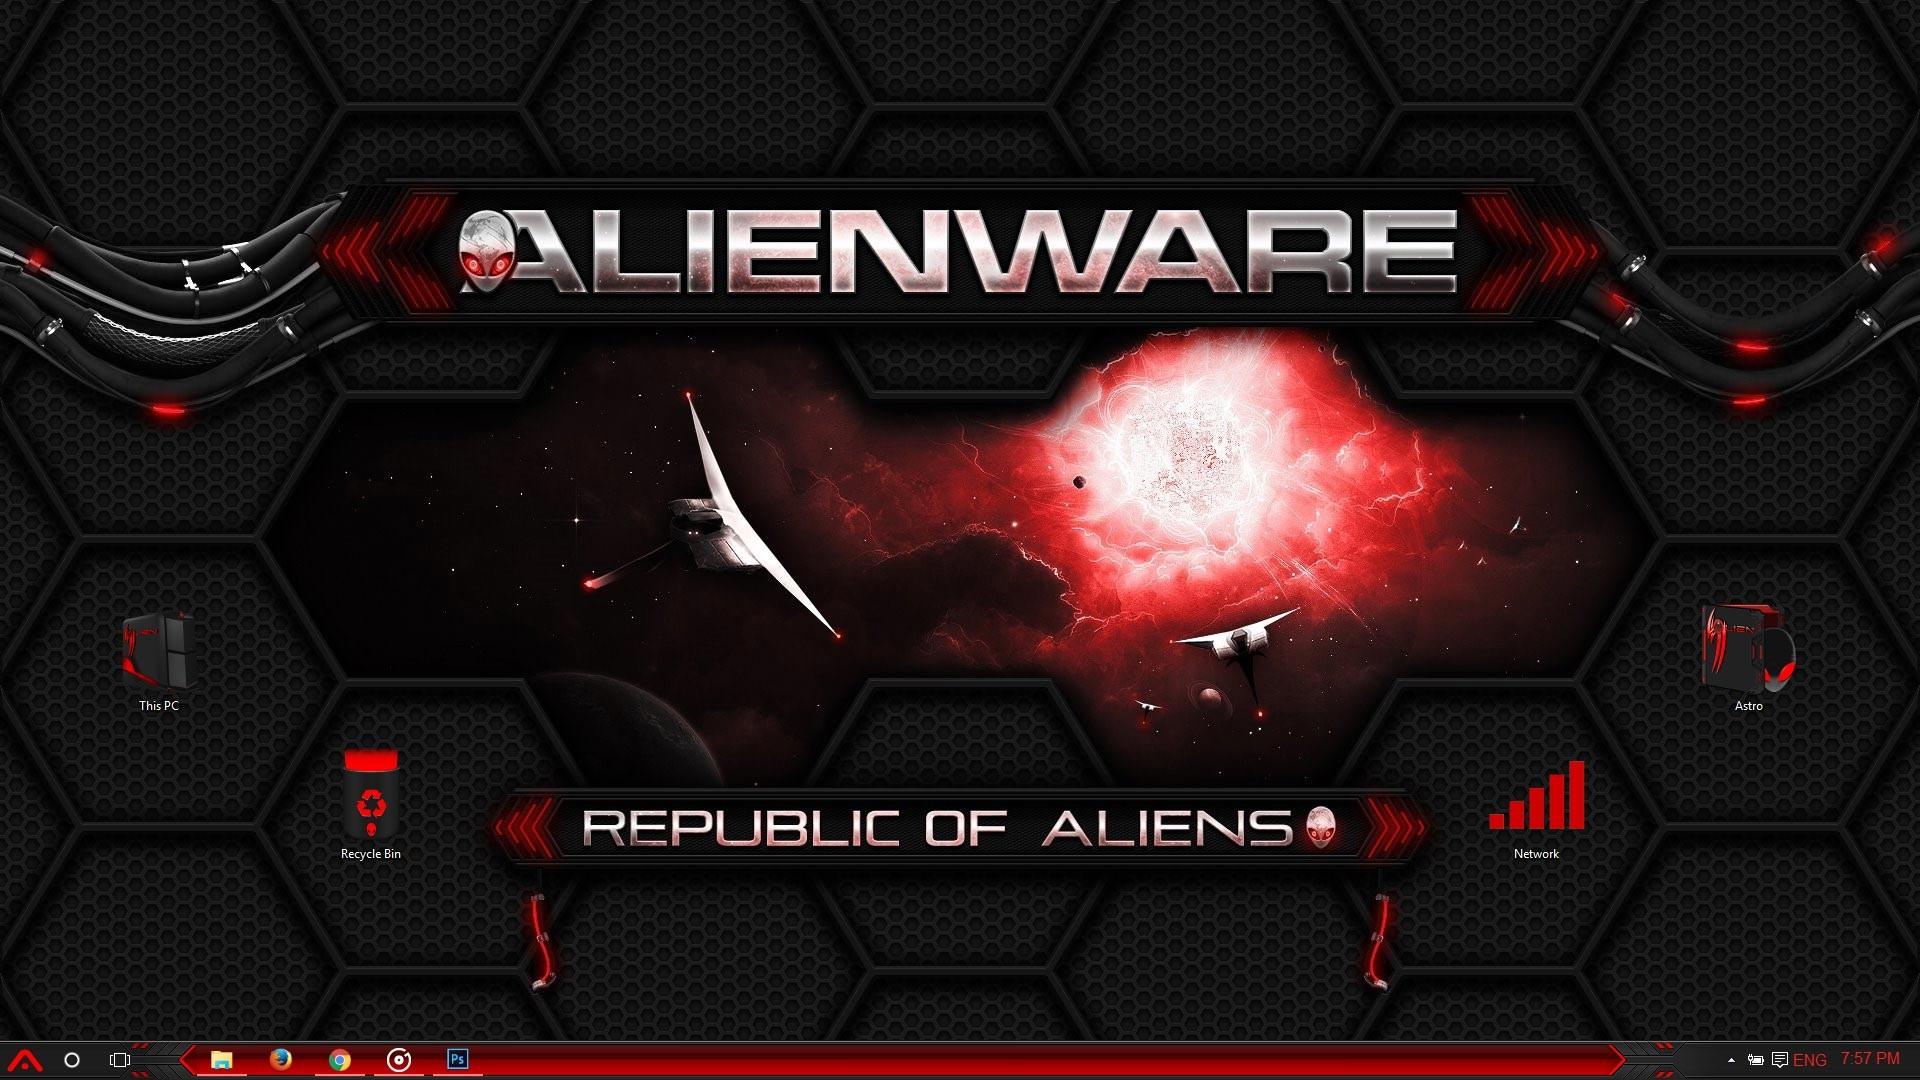 1920x1080 Alienware Wallpapers Desktop · Alienware Wallpapers | Best Desktop .